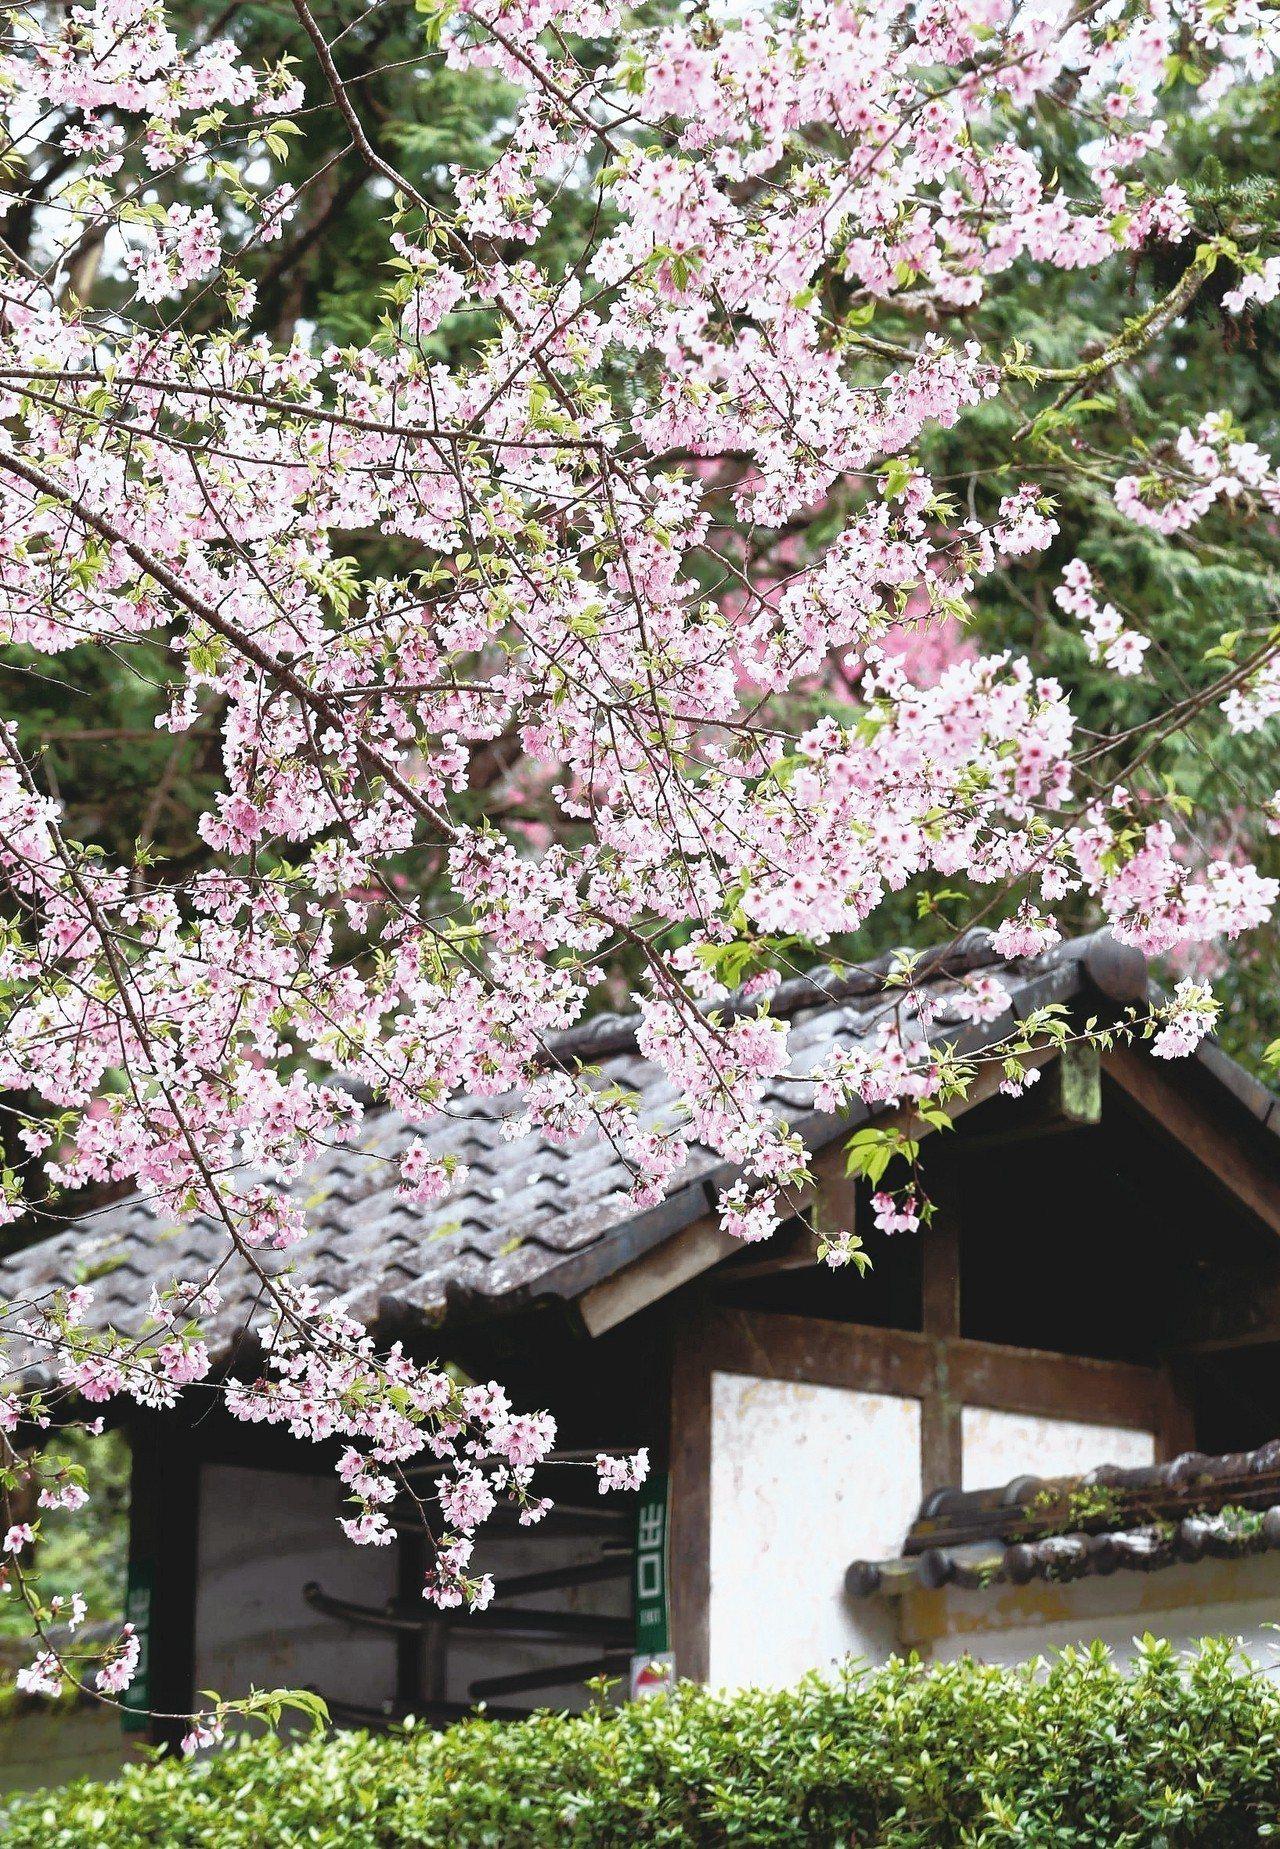 明池森林遊樂區櫻花盛開。 記者余承翰/攝影